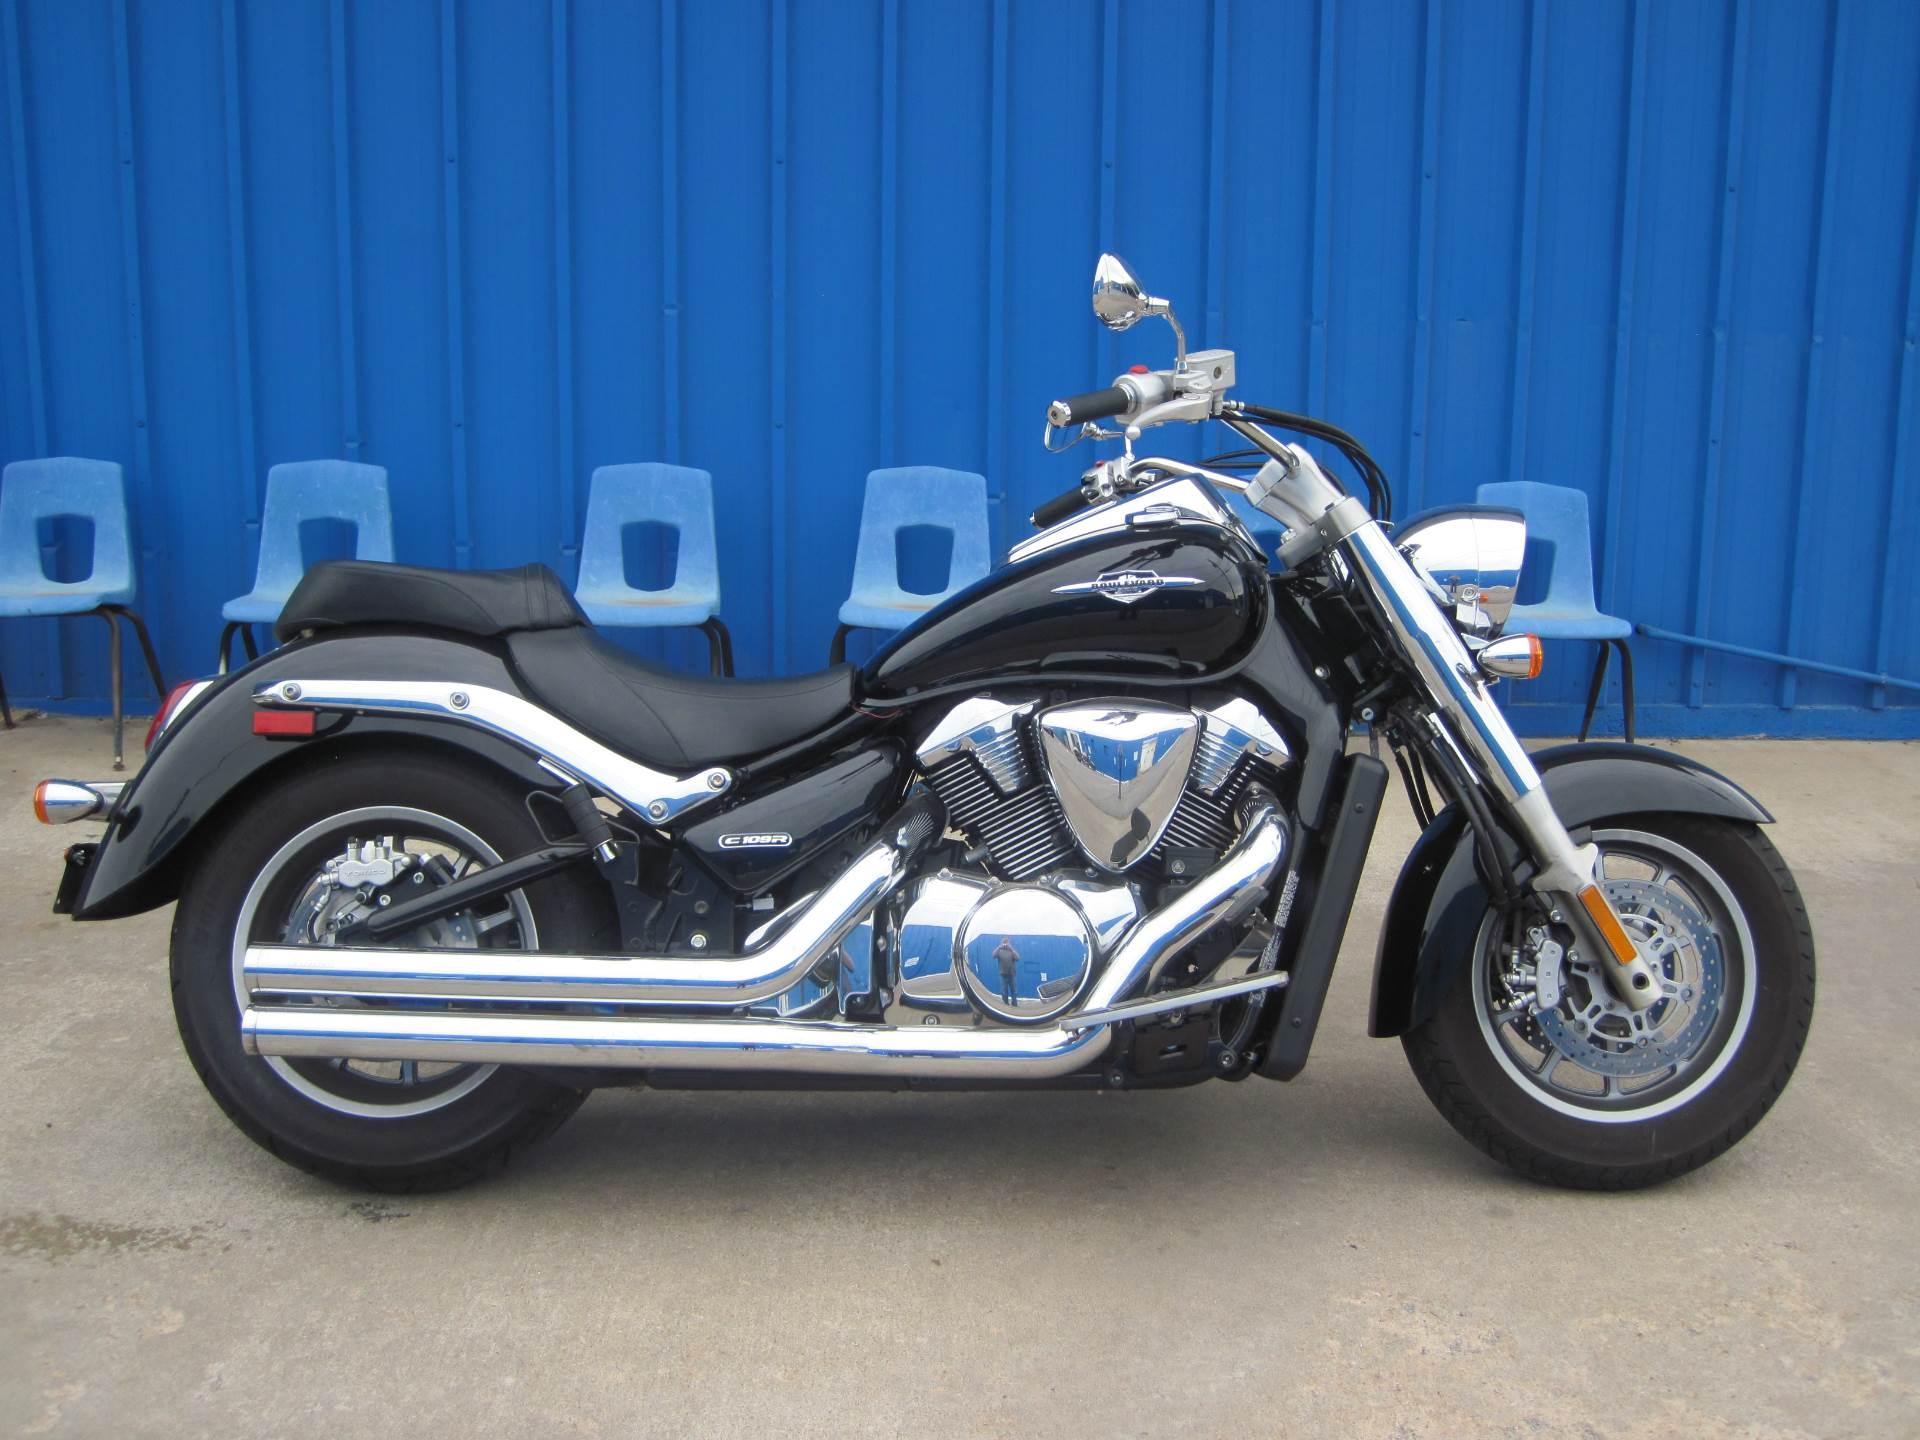 2008 Suzuki Boulevard C109R in Oklahoma City, Oklahoma